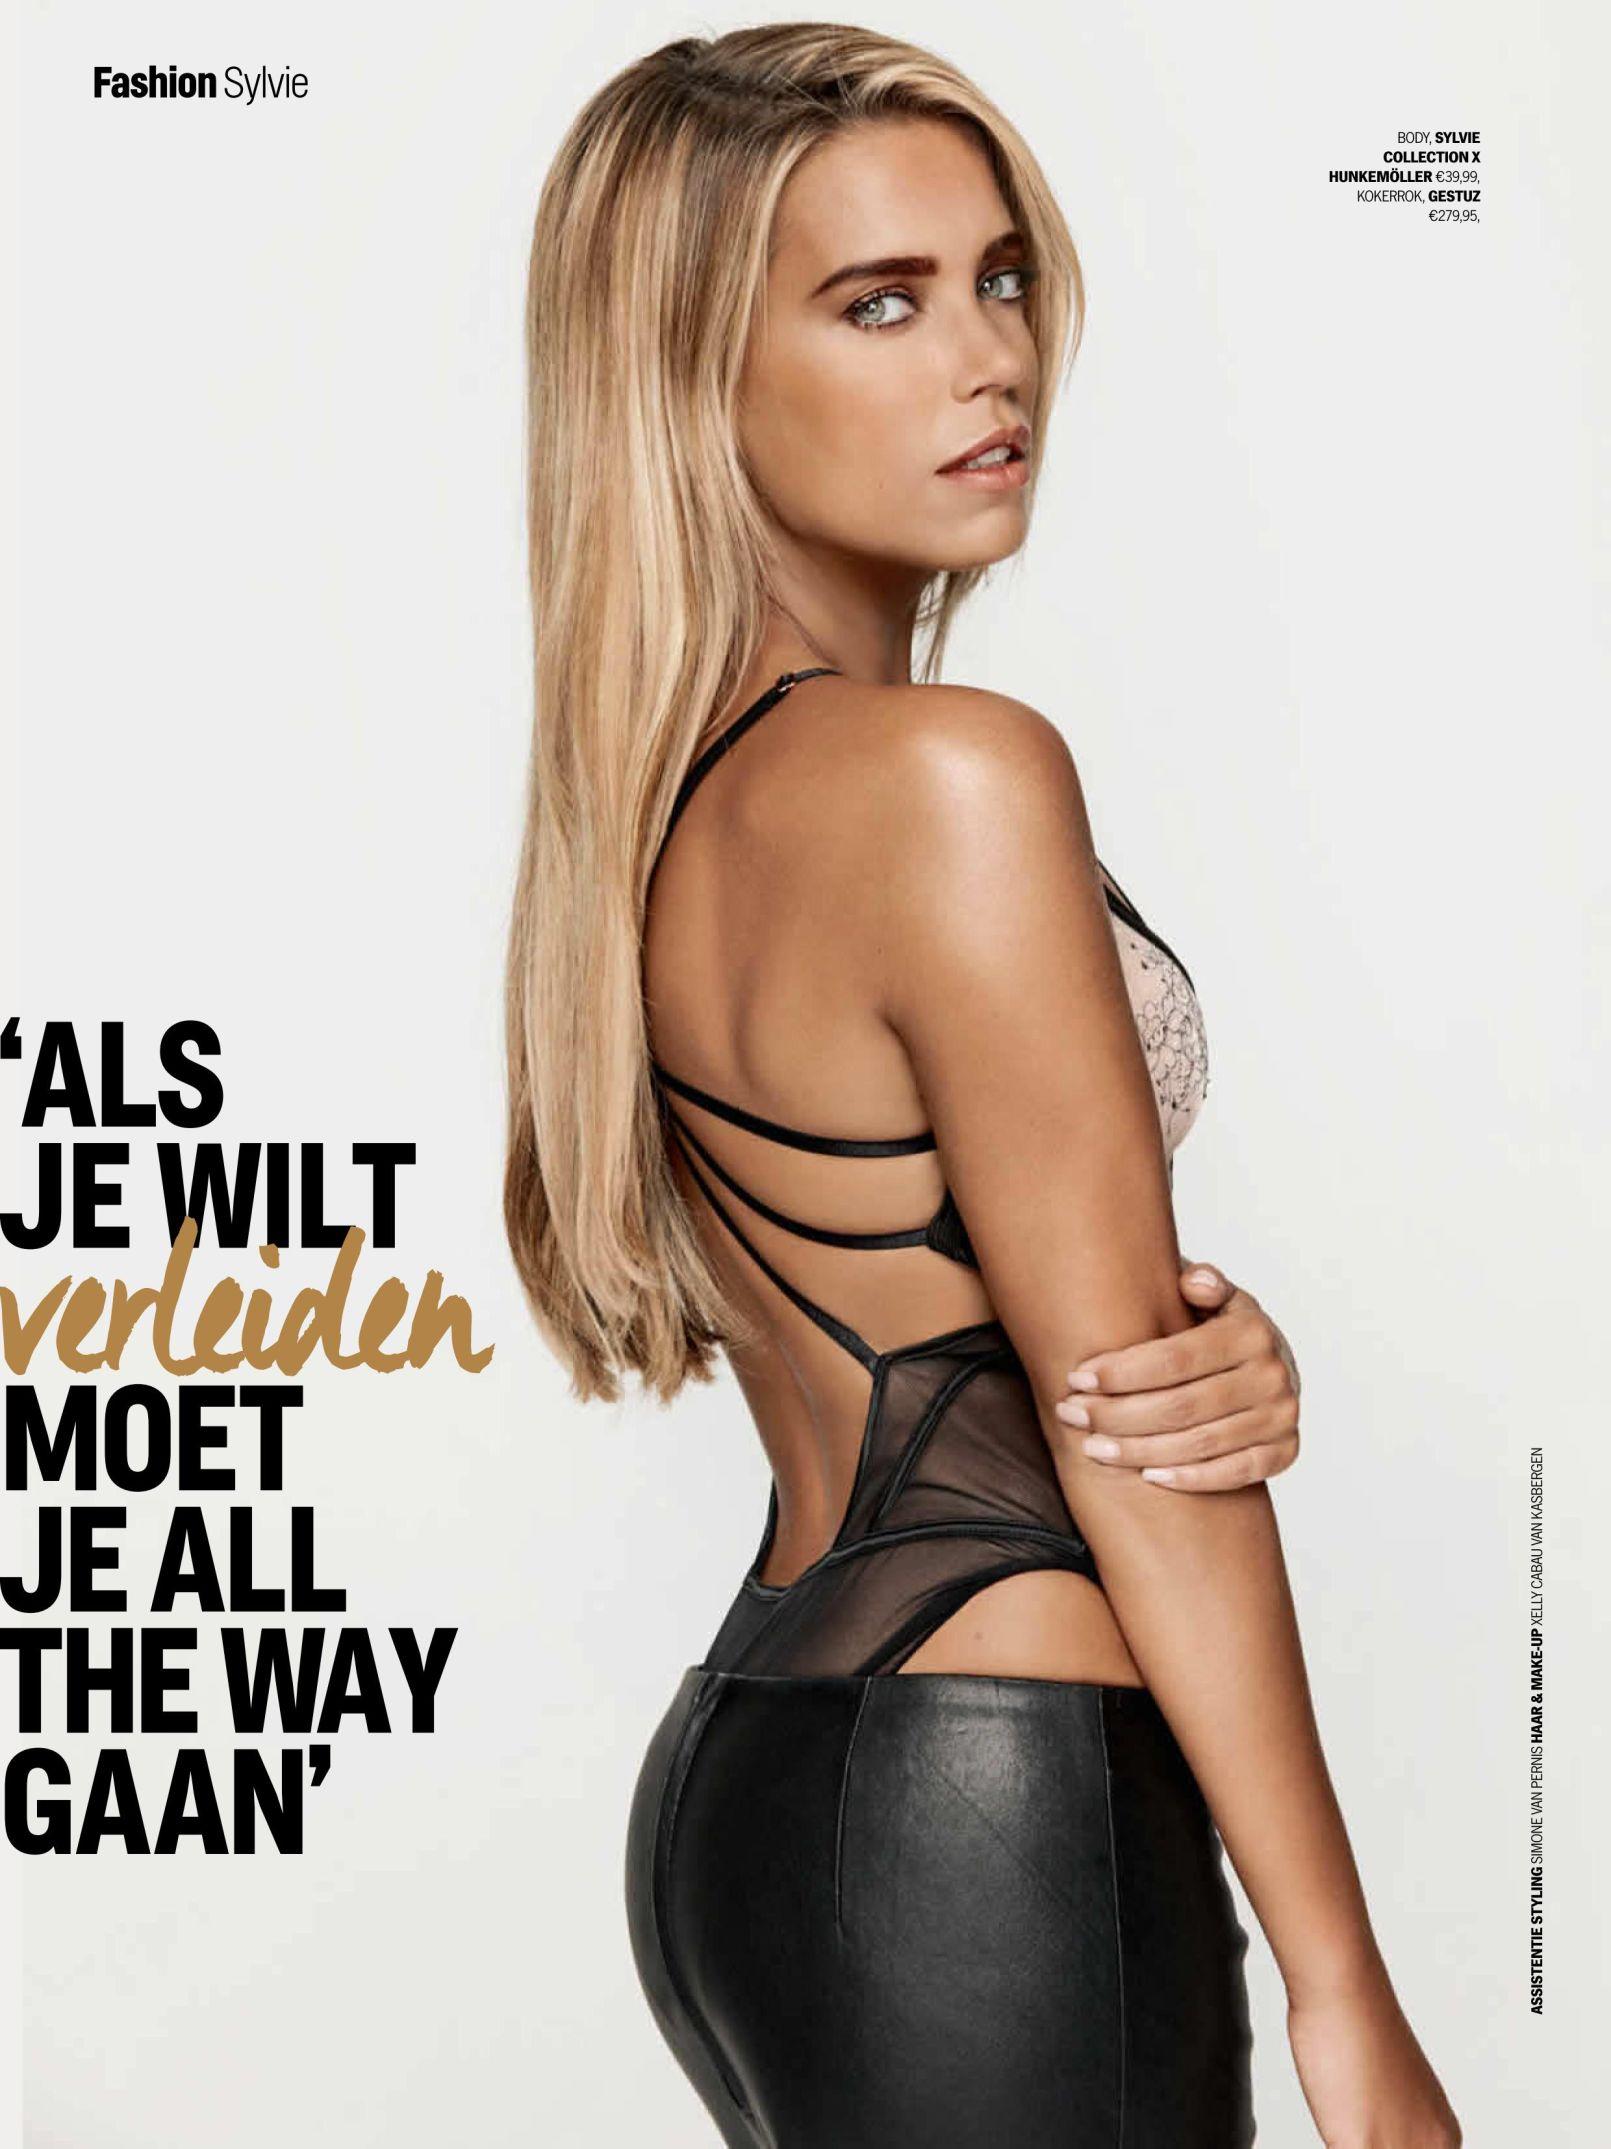 40 quelque chose magazine xxx